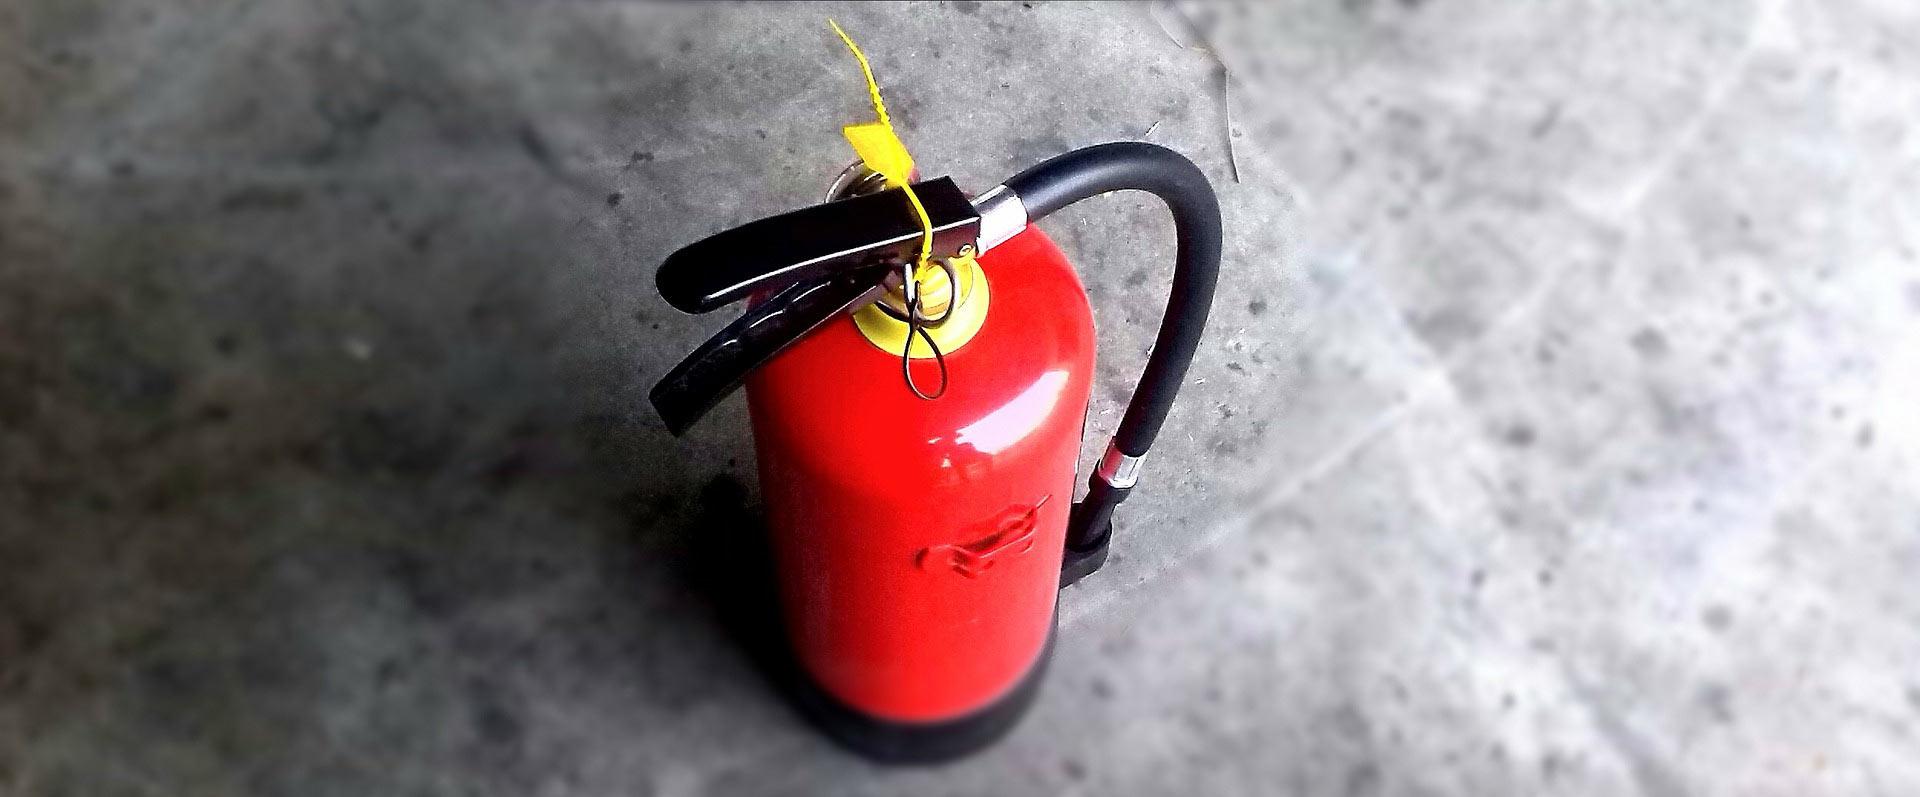 5 viktiga åtgärder för bra brandskydd i bostadsrättsföreningar